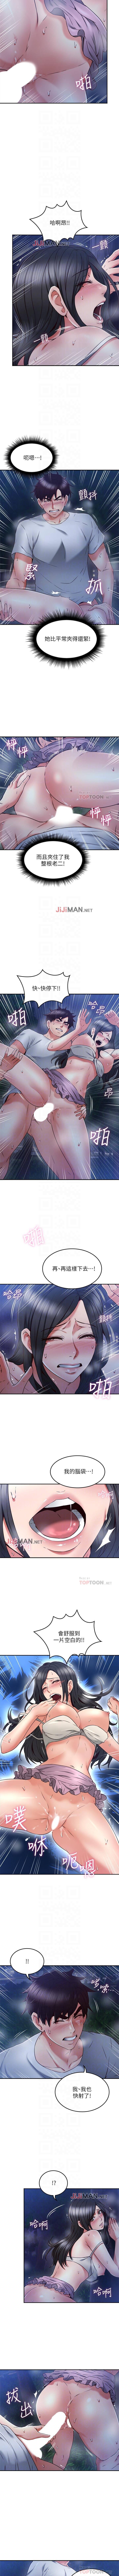 【周六更新】邻居人妻(作者:李周元 & 頸枕) 第1~50话 229